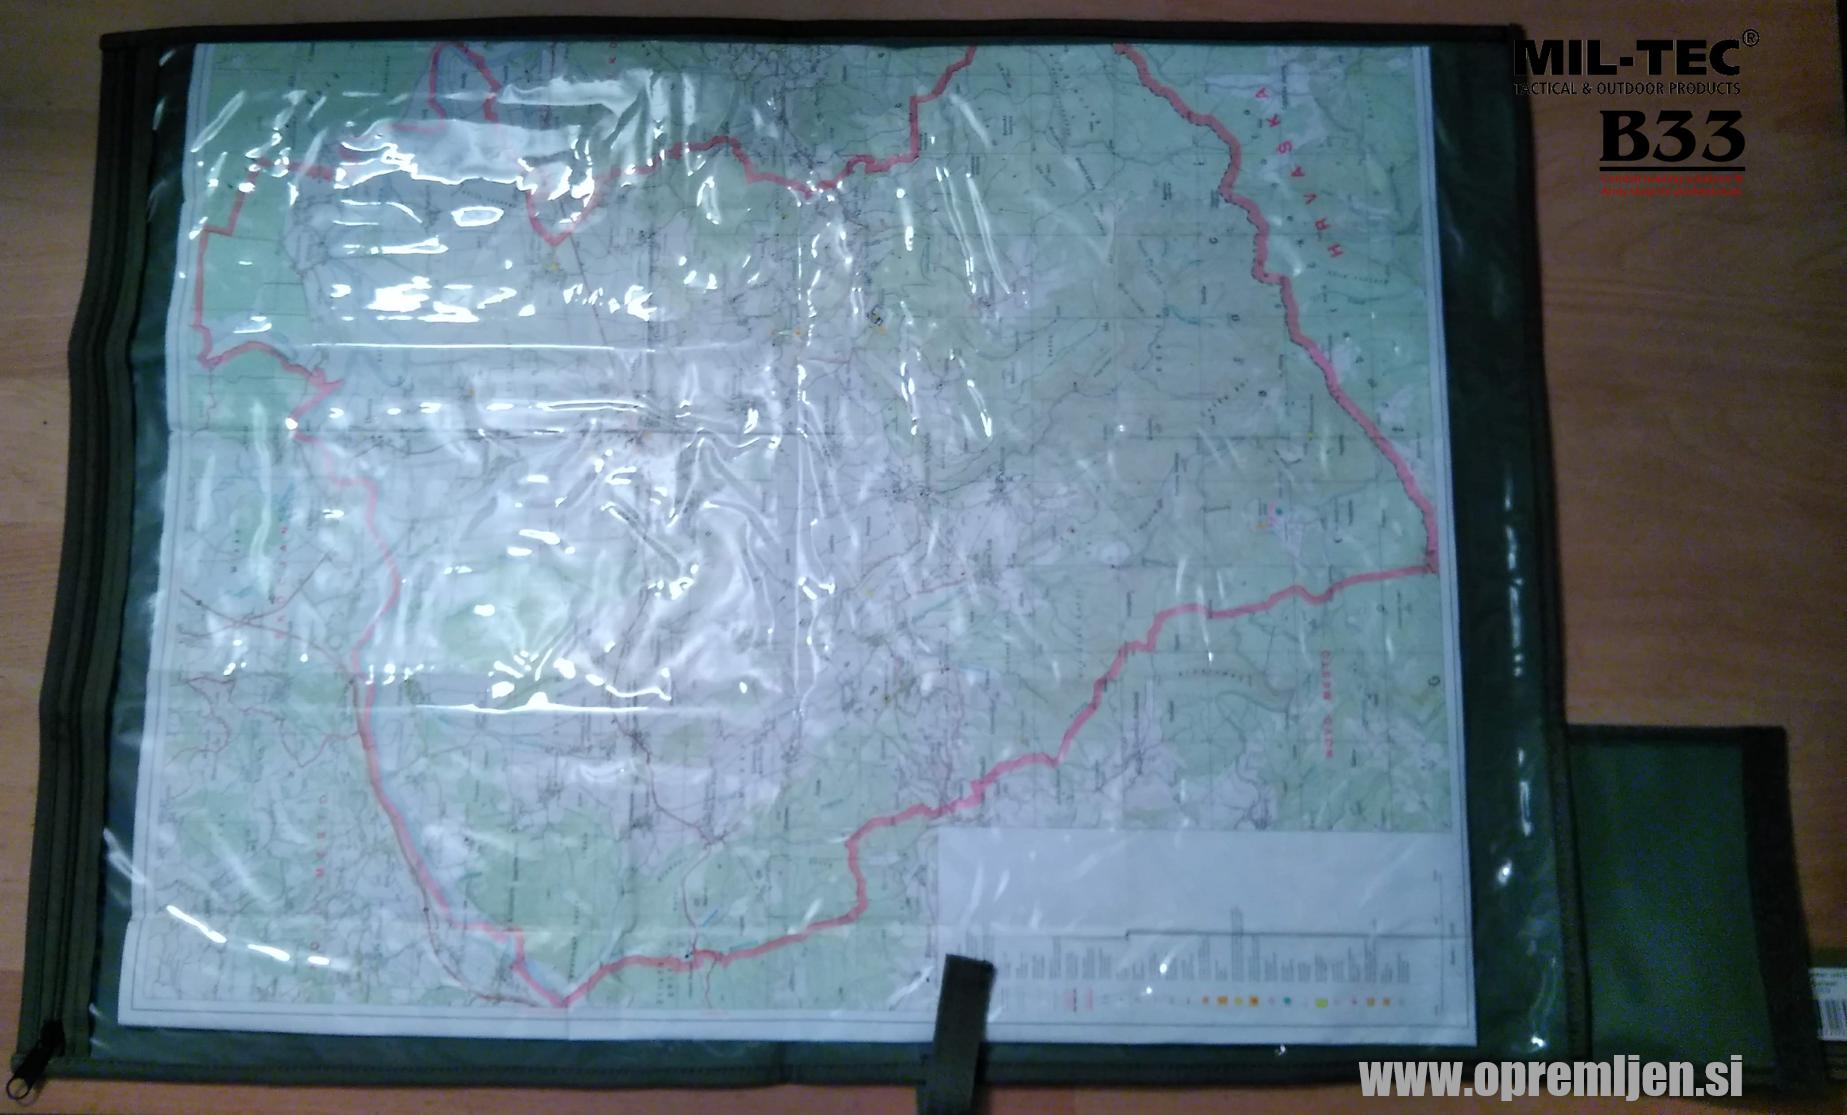 B33 army shop - Nemška vojaška Bundeswehr zložljiva mapa za zemljevide olivna barva MILTEC by B33 army shop at www.opremljen.si, trgovina z vojaško opremo, vojaška trgovina